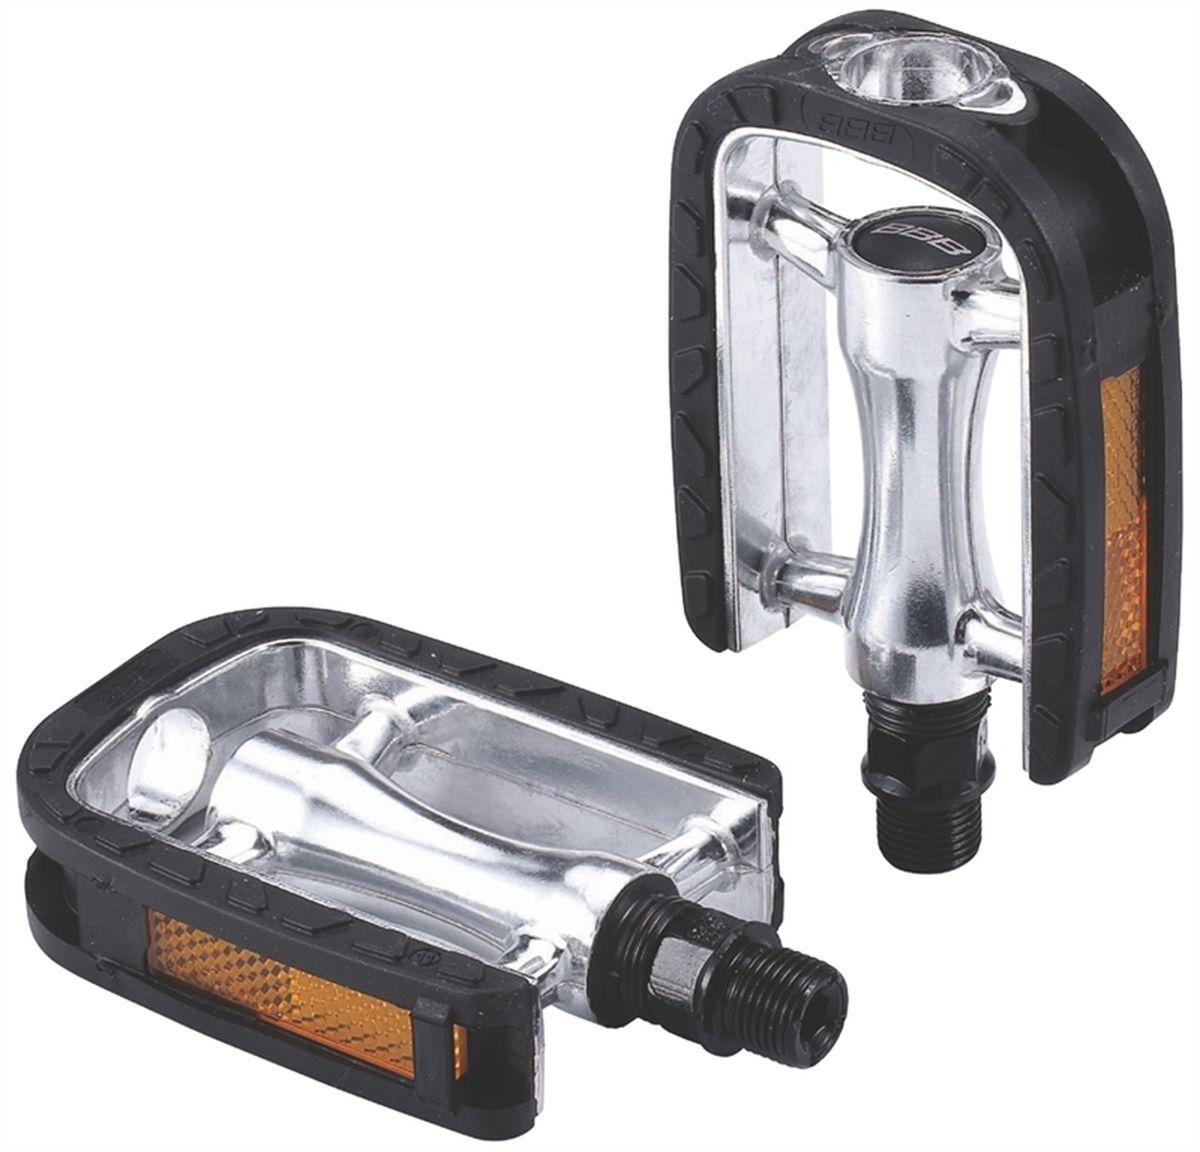 Педали BBB Trekking EasyRider II New Model, цвет: серебристый, 2 штBPD-24Высокопрочные педали из алюминия с нескользящим резиновым покрытием. Прочная ось из хроммолибденовой стали. Встроенные светоотражатели для лучшей видимости в темноте.